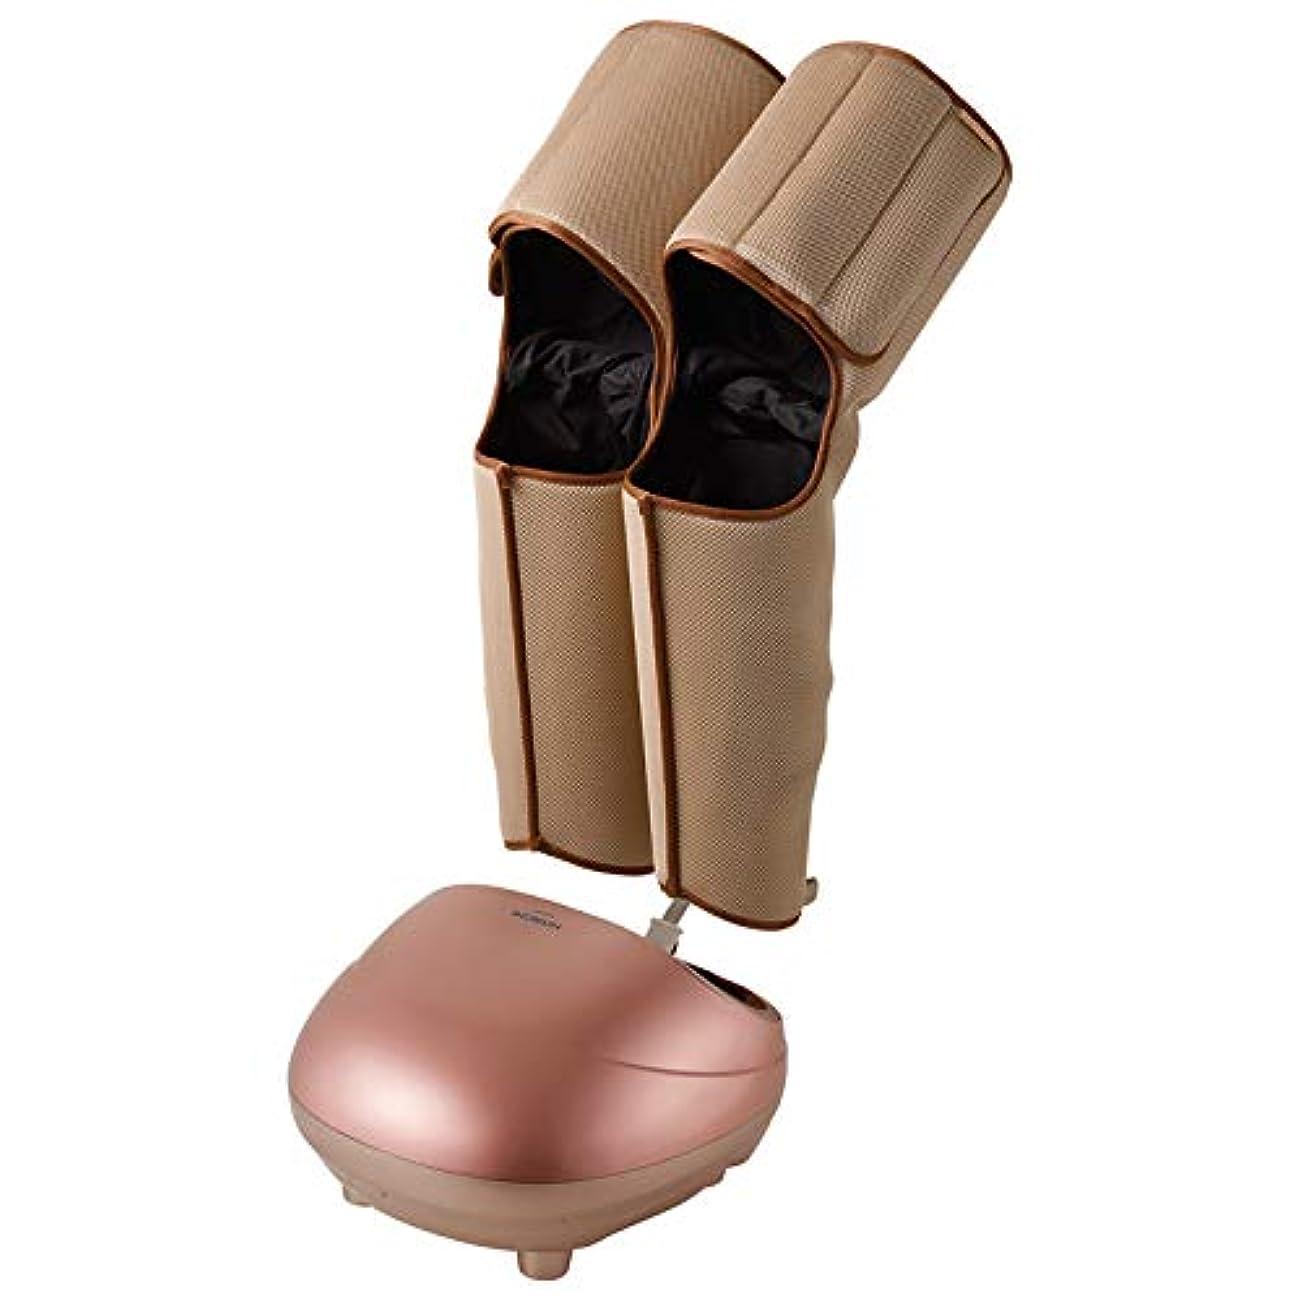 内なる生じるスリンク日立 フットマッサージャー(ピンクゴールド)HITACHI Foot CRiE(フットクリエ) HFM-3000-P